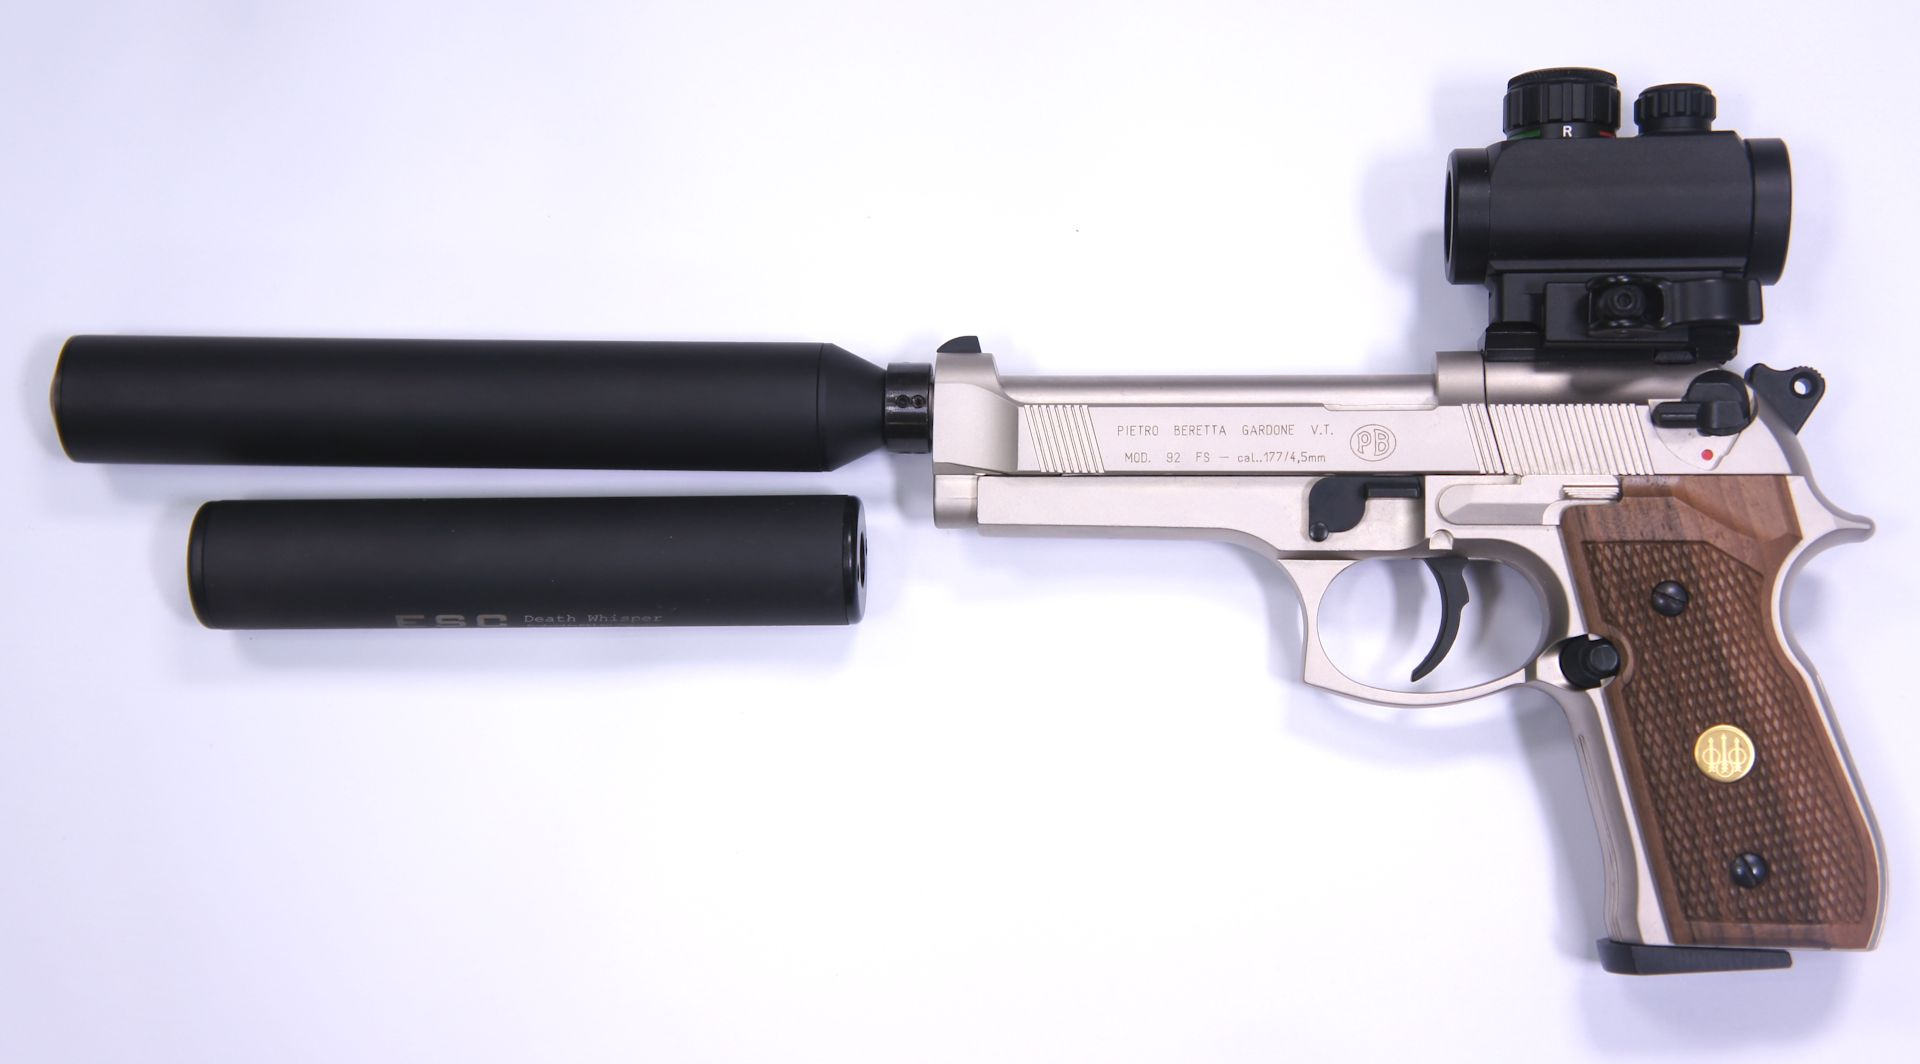 Die CO2 Pistole Beretta 92 FS bietet verschiedene Konfigurationsmöglichkeiten. An den Gewindeadapter passen verschiedene Schalldämpfer. Im Bild ist hier zusätzlich ein <a href=1168820.htm>kürzerer Dämpfer der Marke B&T</a>